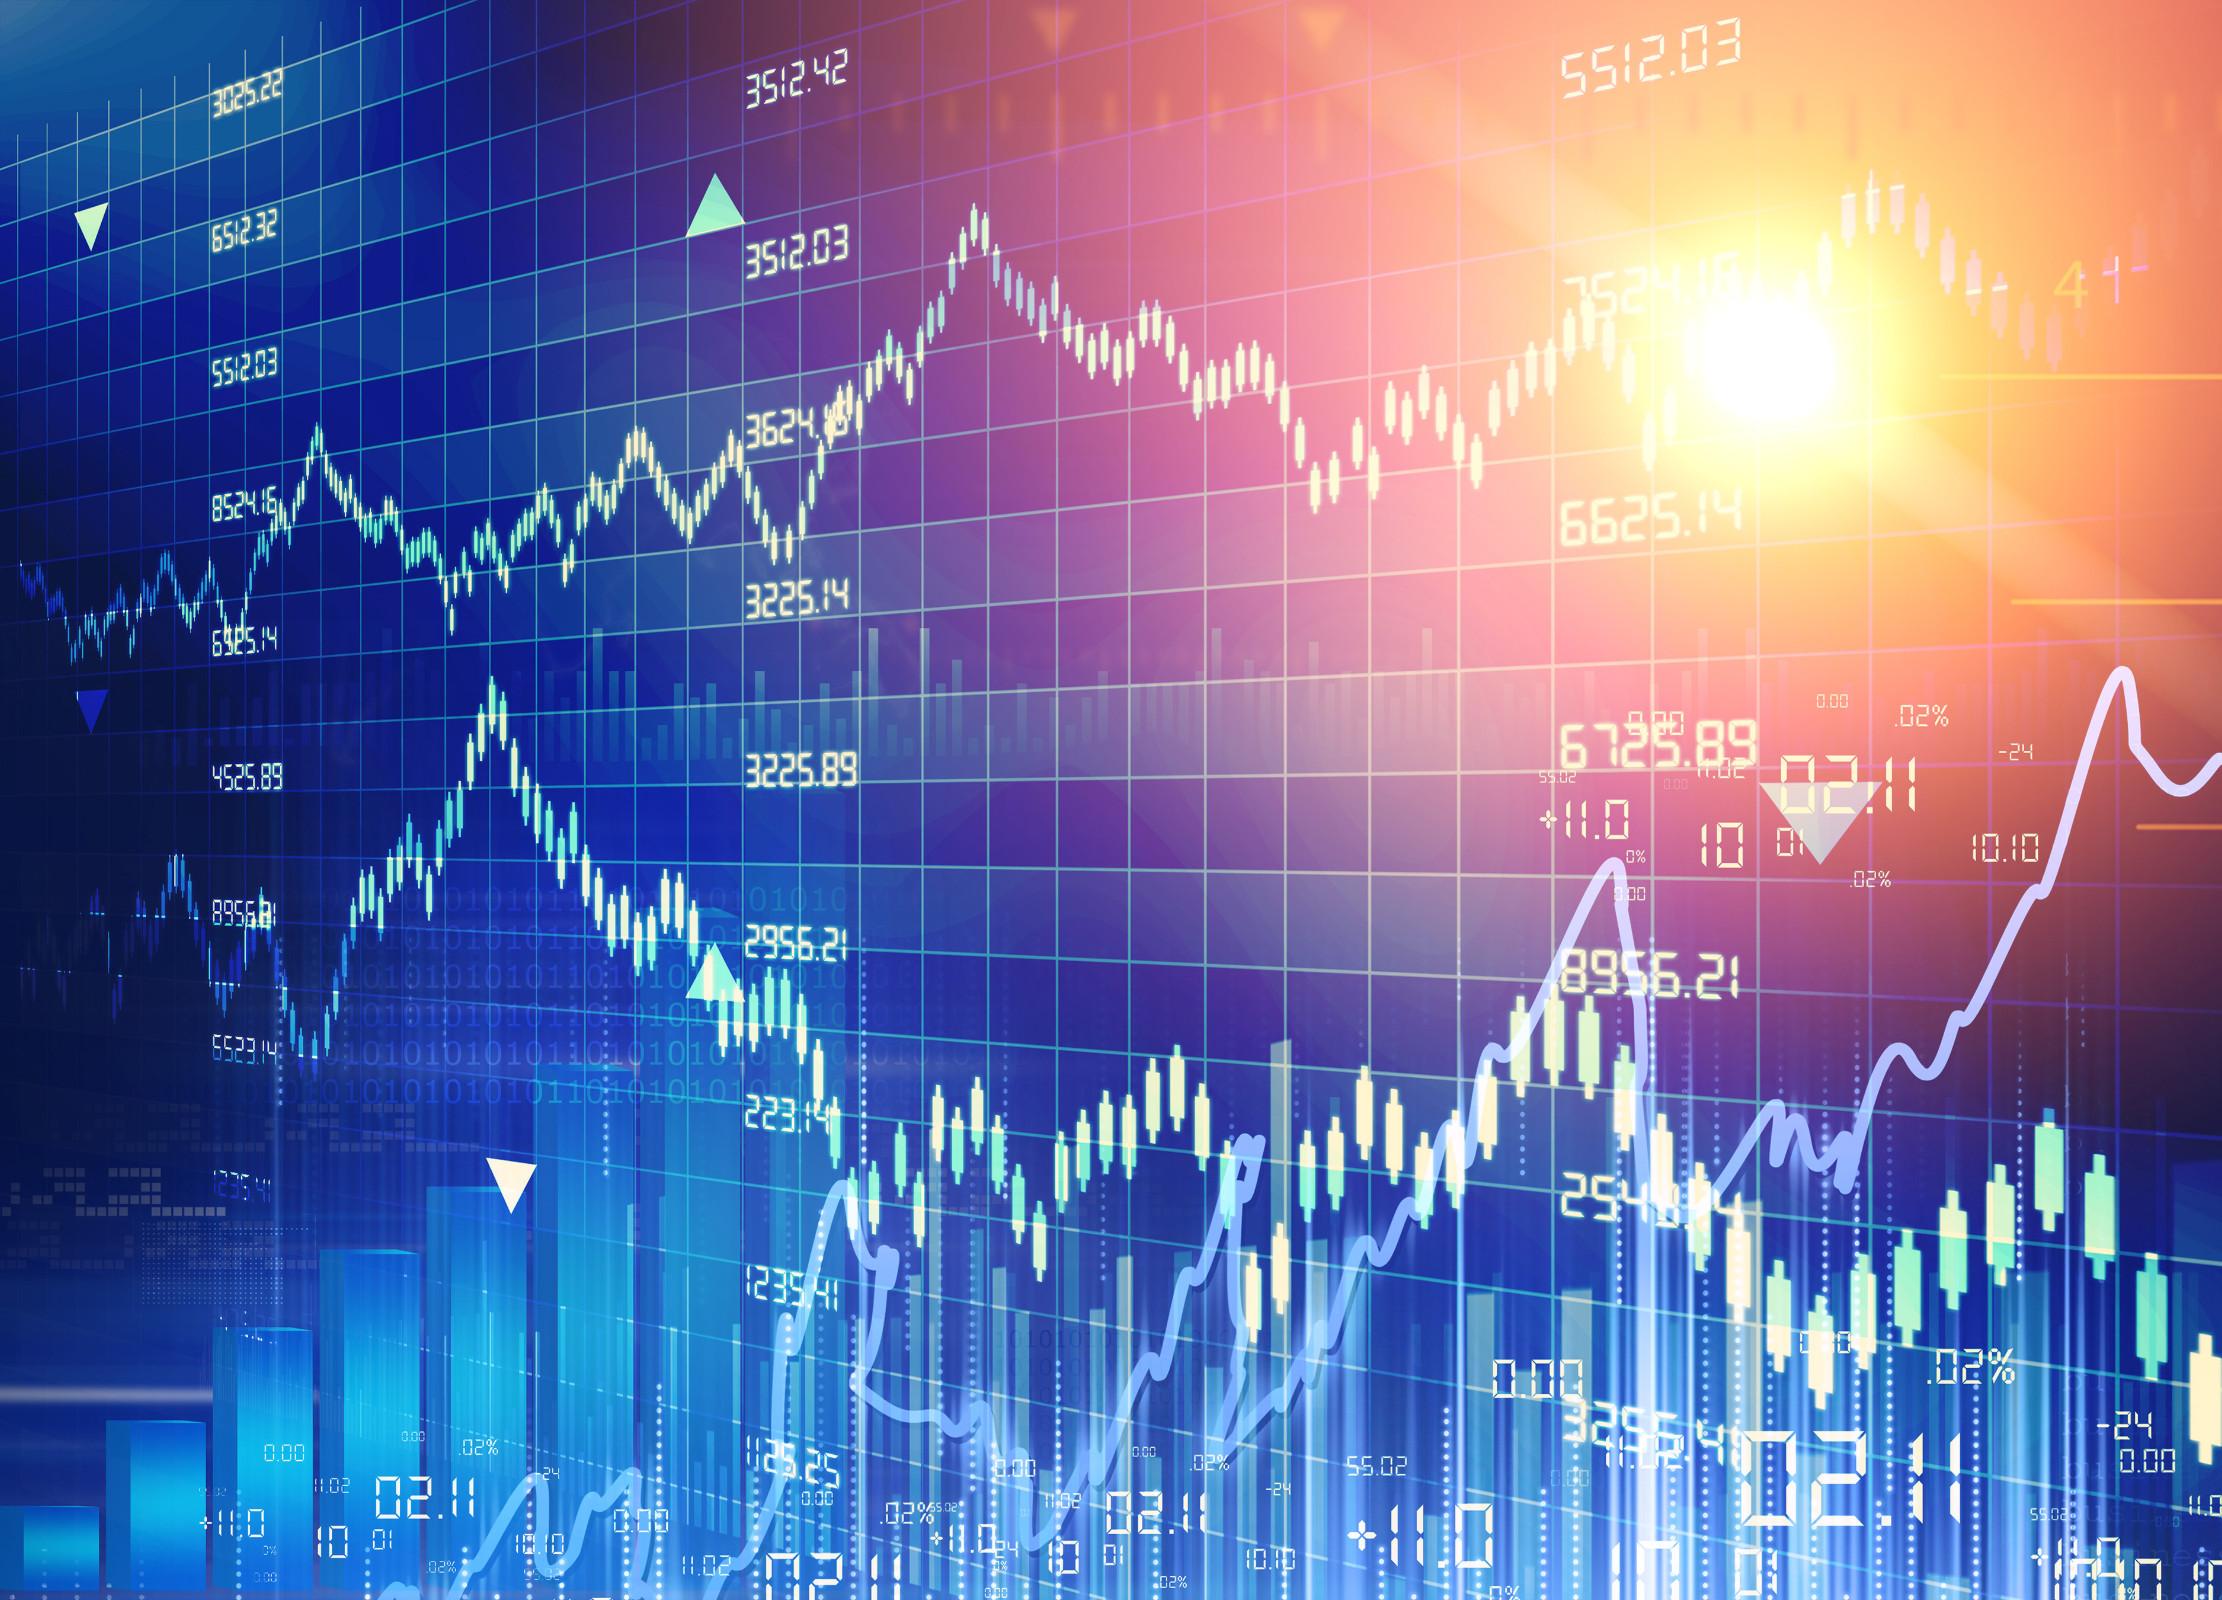 金融理财平台哪个好?gkfx捷凯金融官网实力强吗?